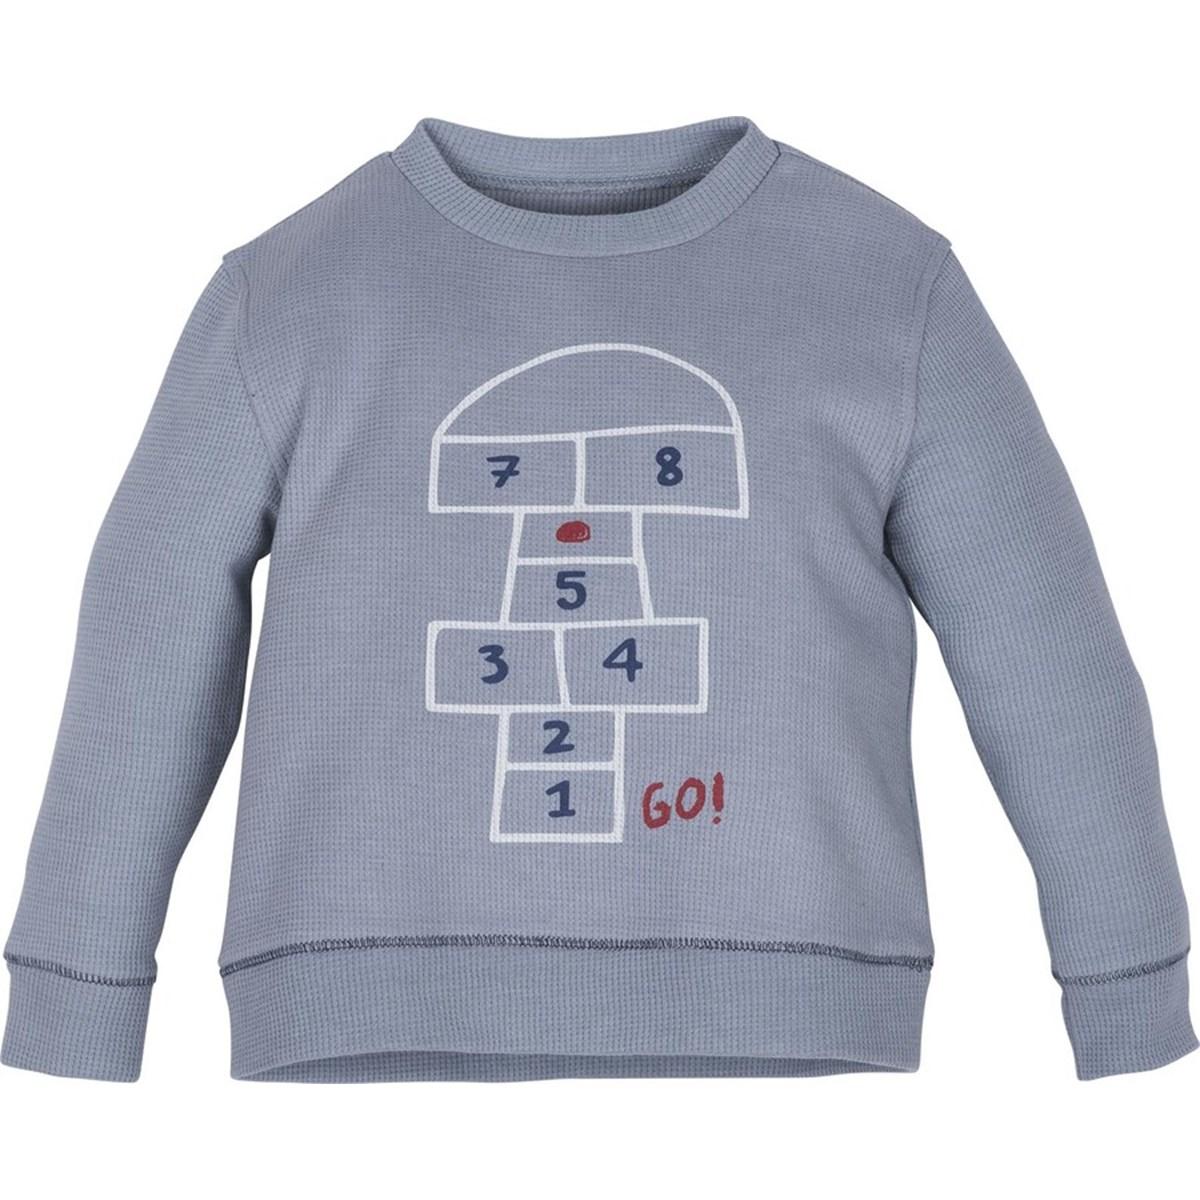 12665 Sweatshirt 1